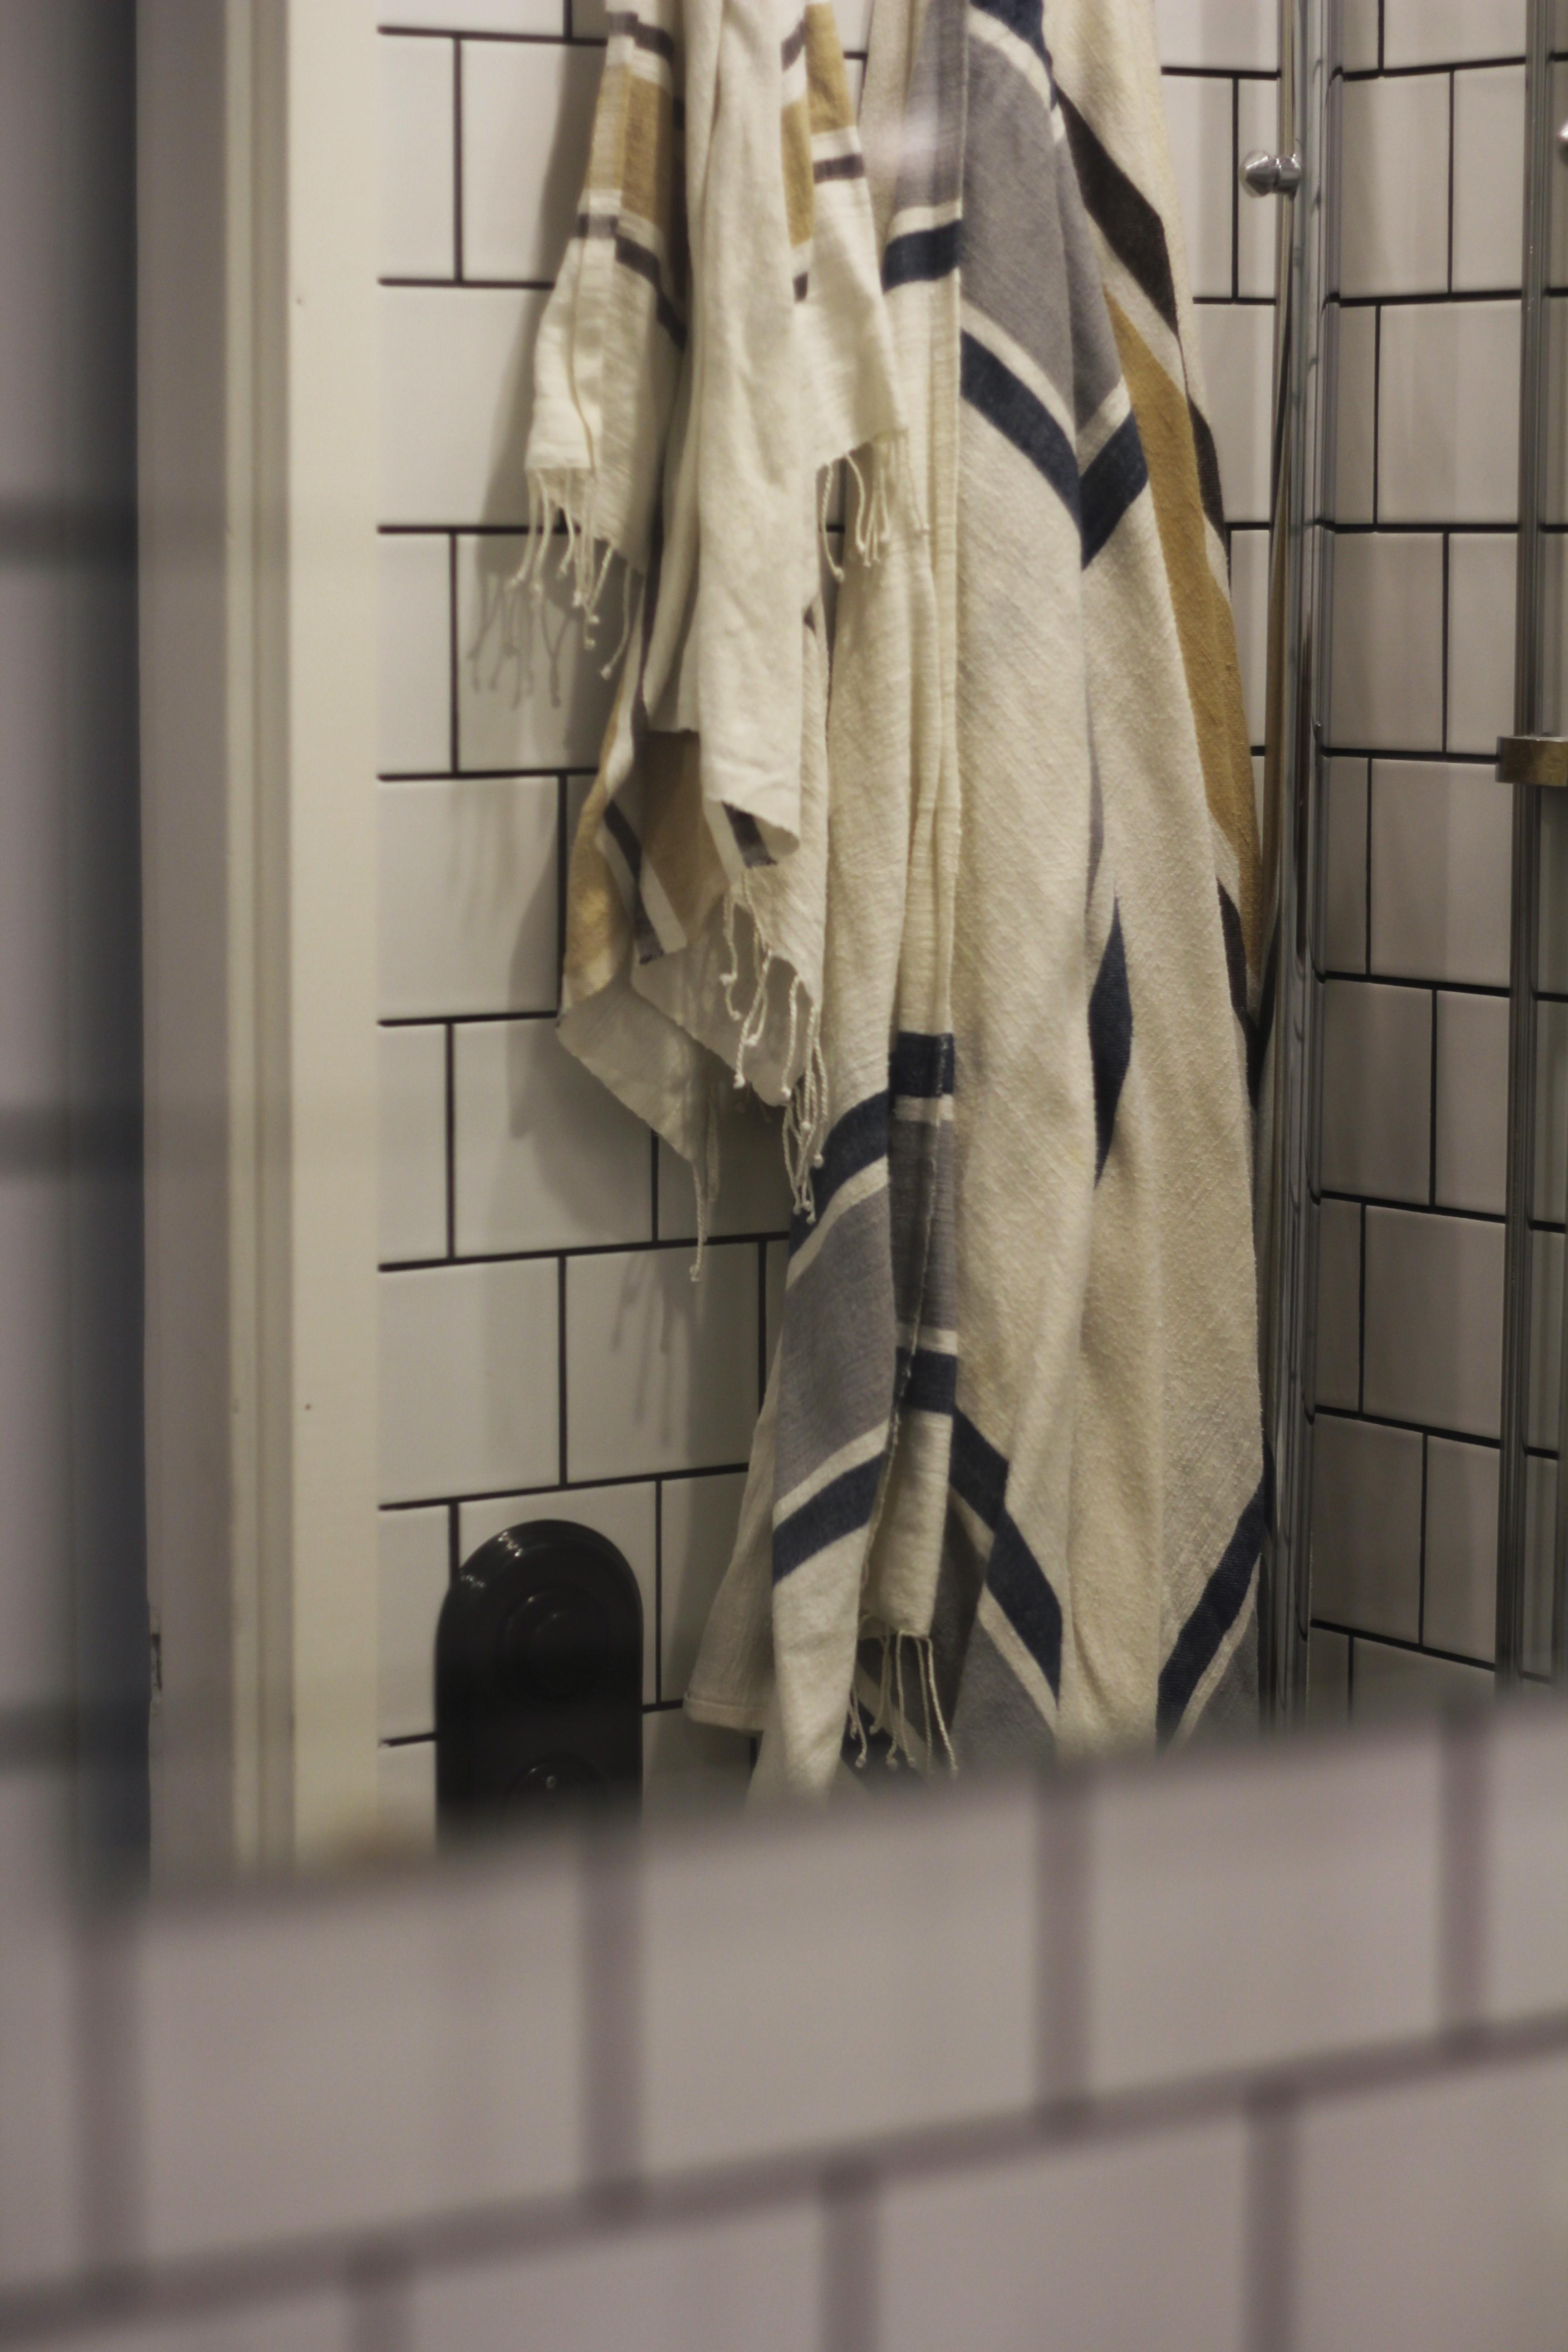 Pienessä kylpyhuoneessa jo kaksi kylpypyyhettä muodostaa aikamoisen keon. Vaihdoimme froteepyyhkeet kevyempiin ja vähemmän tilaa vieviin Hamam-pyyhkeisiin. Musta valokatkaisija valittiin sopimaan kaakeloinnin mustiin saumoihin.